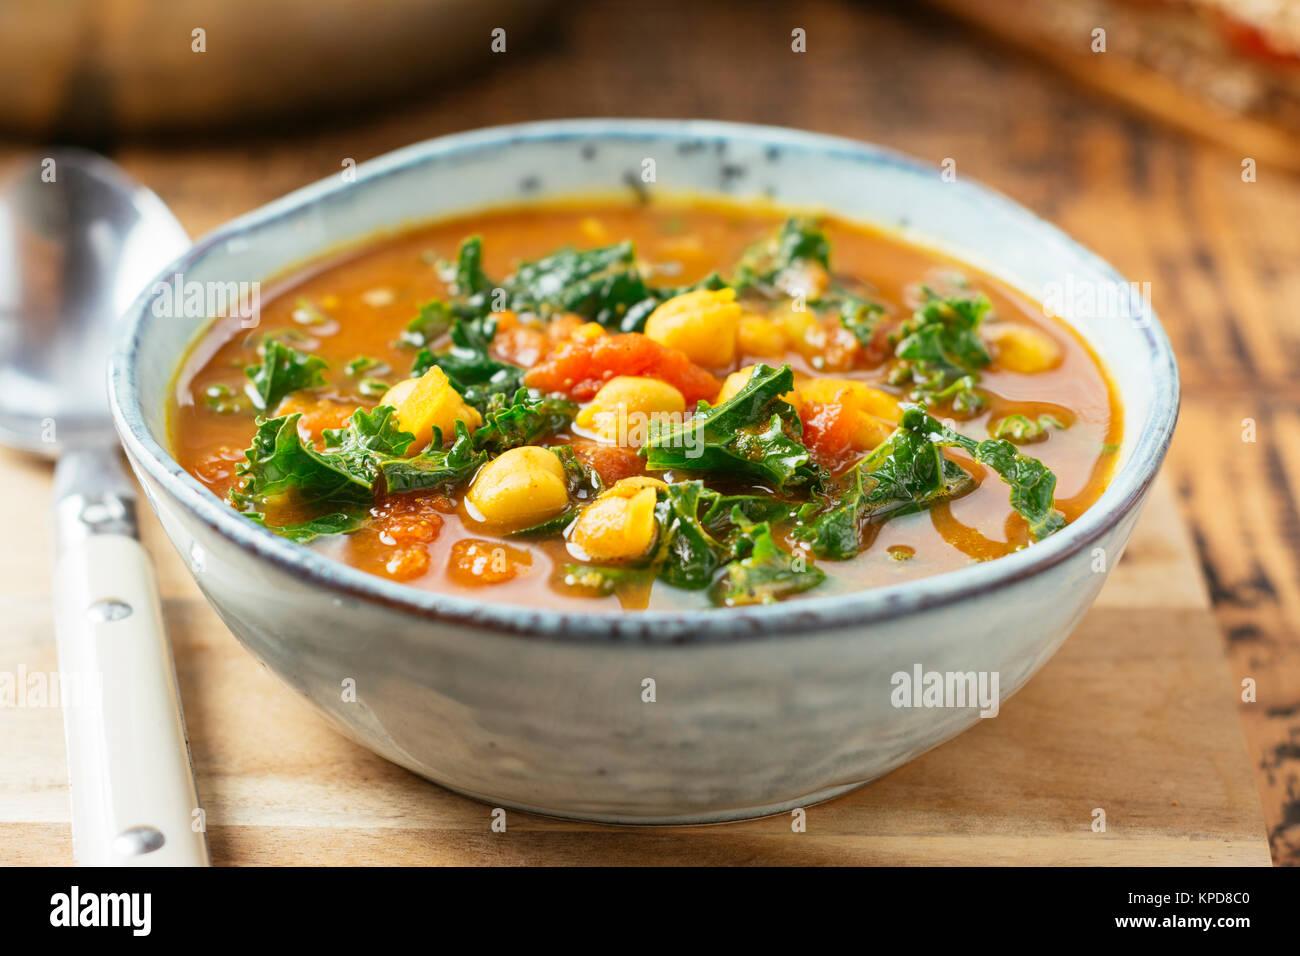 Soupe de pois chiches aux épices marocaines Photo Stock